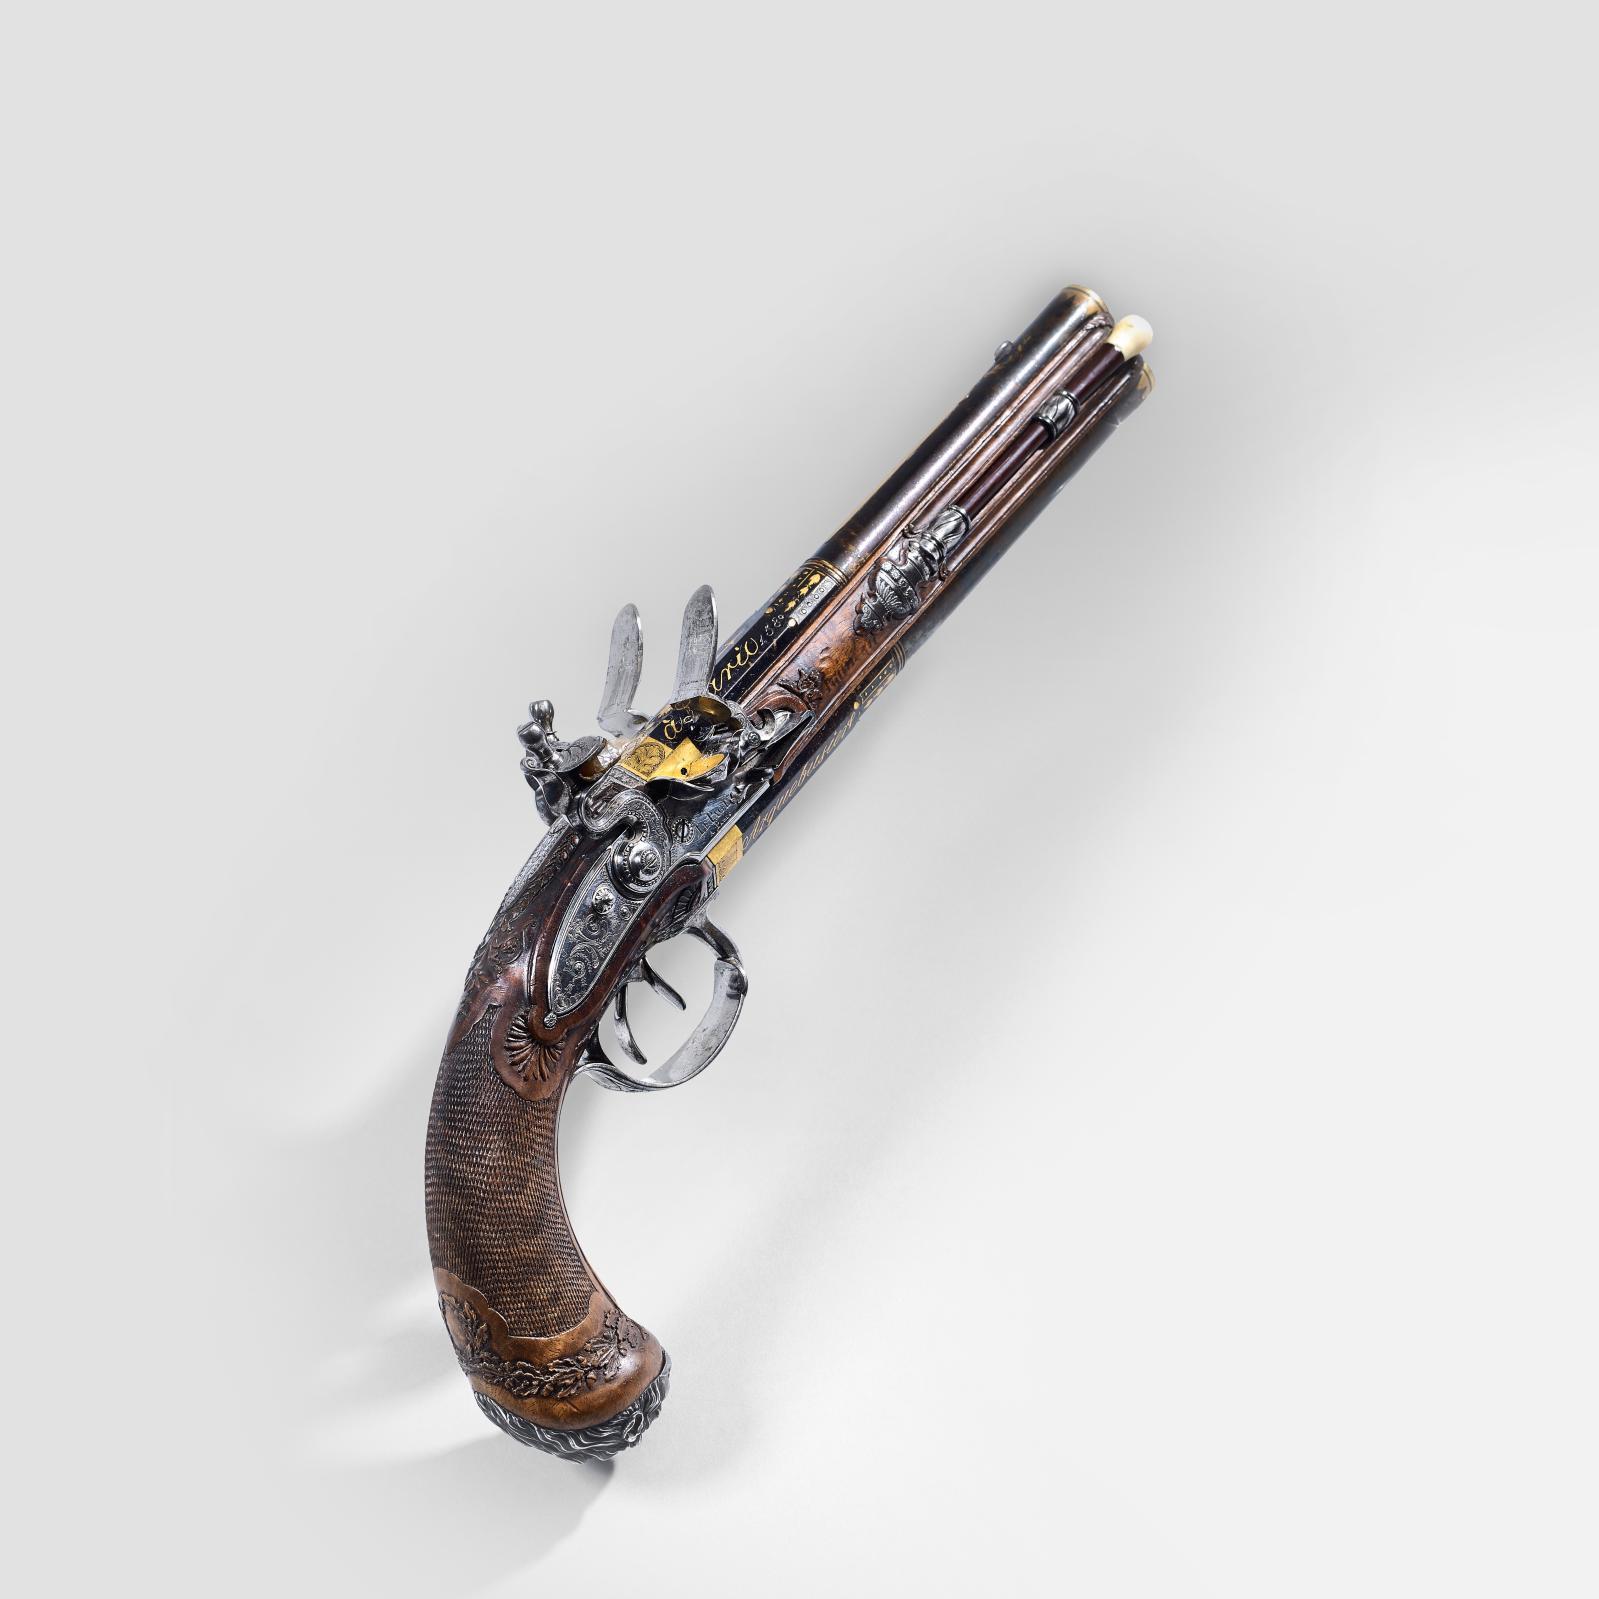 102080€ Lepage à Paris, pistolet à silex de calibre 13,5mm ayant probablement appartenu à l'Empereur, canons superposés bleuis et dorés à pans puis